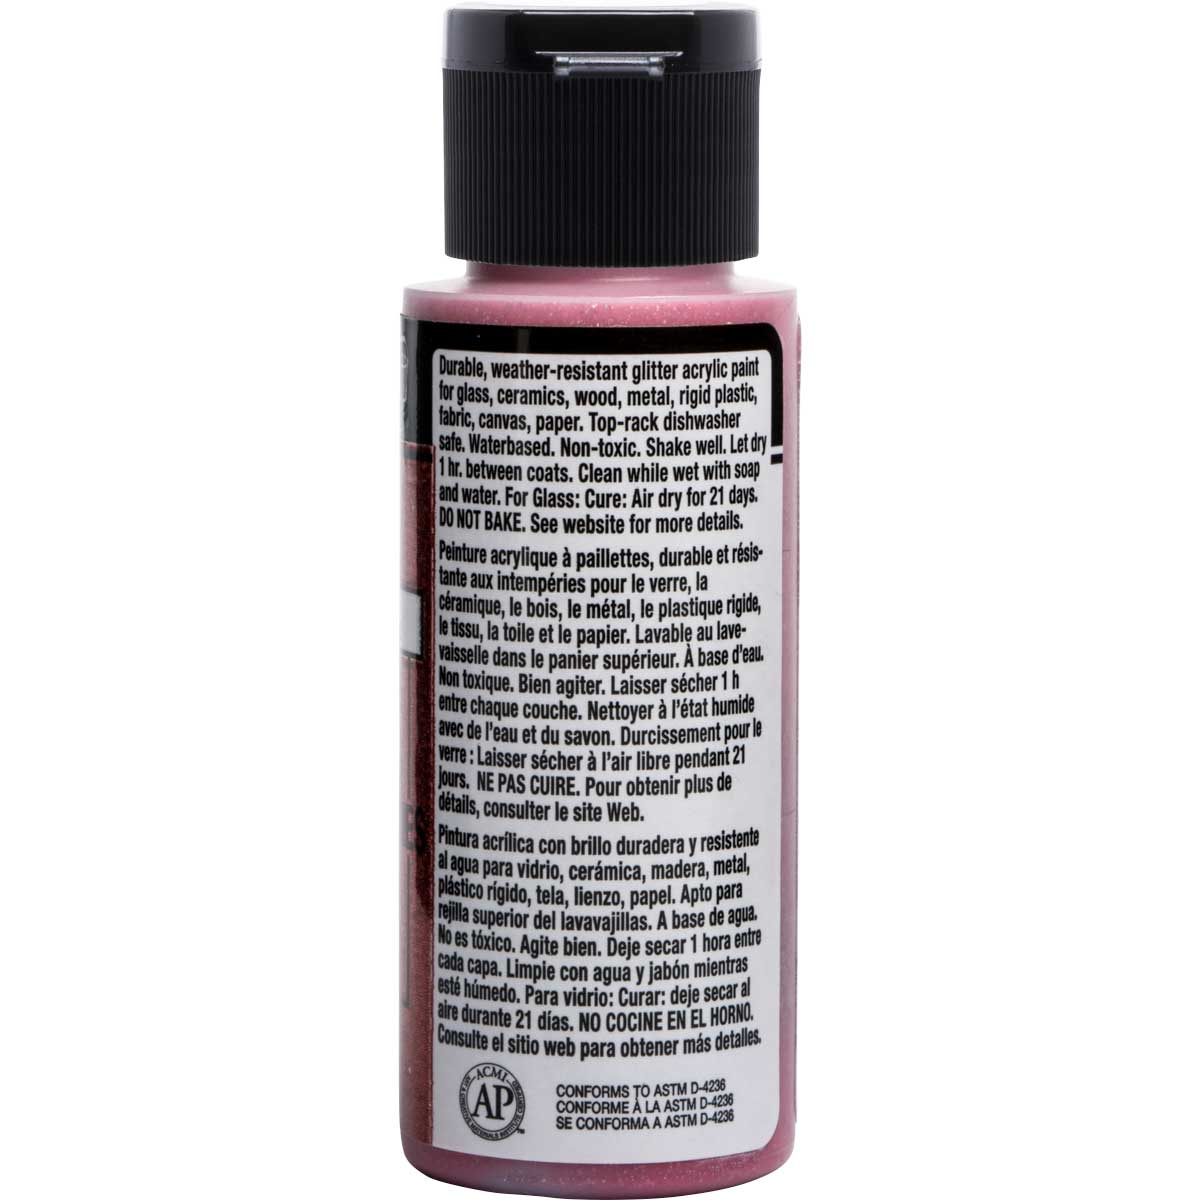 FolkArt ® Multi-Surface Glitter Acrylic Paints - Fiery Red, 2 oz. - 2961